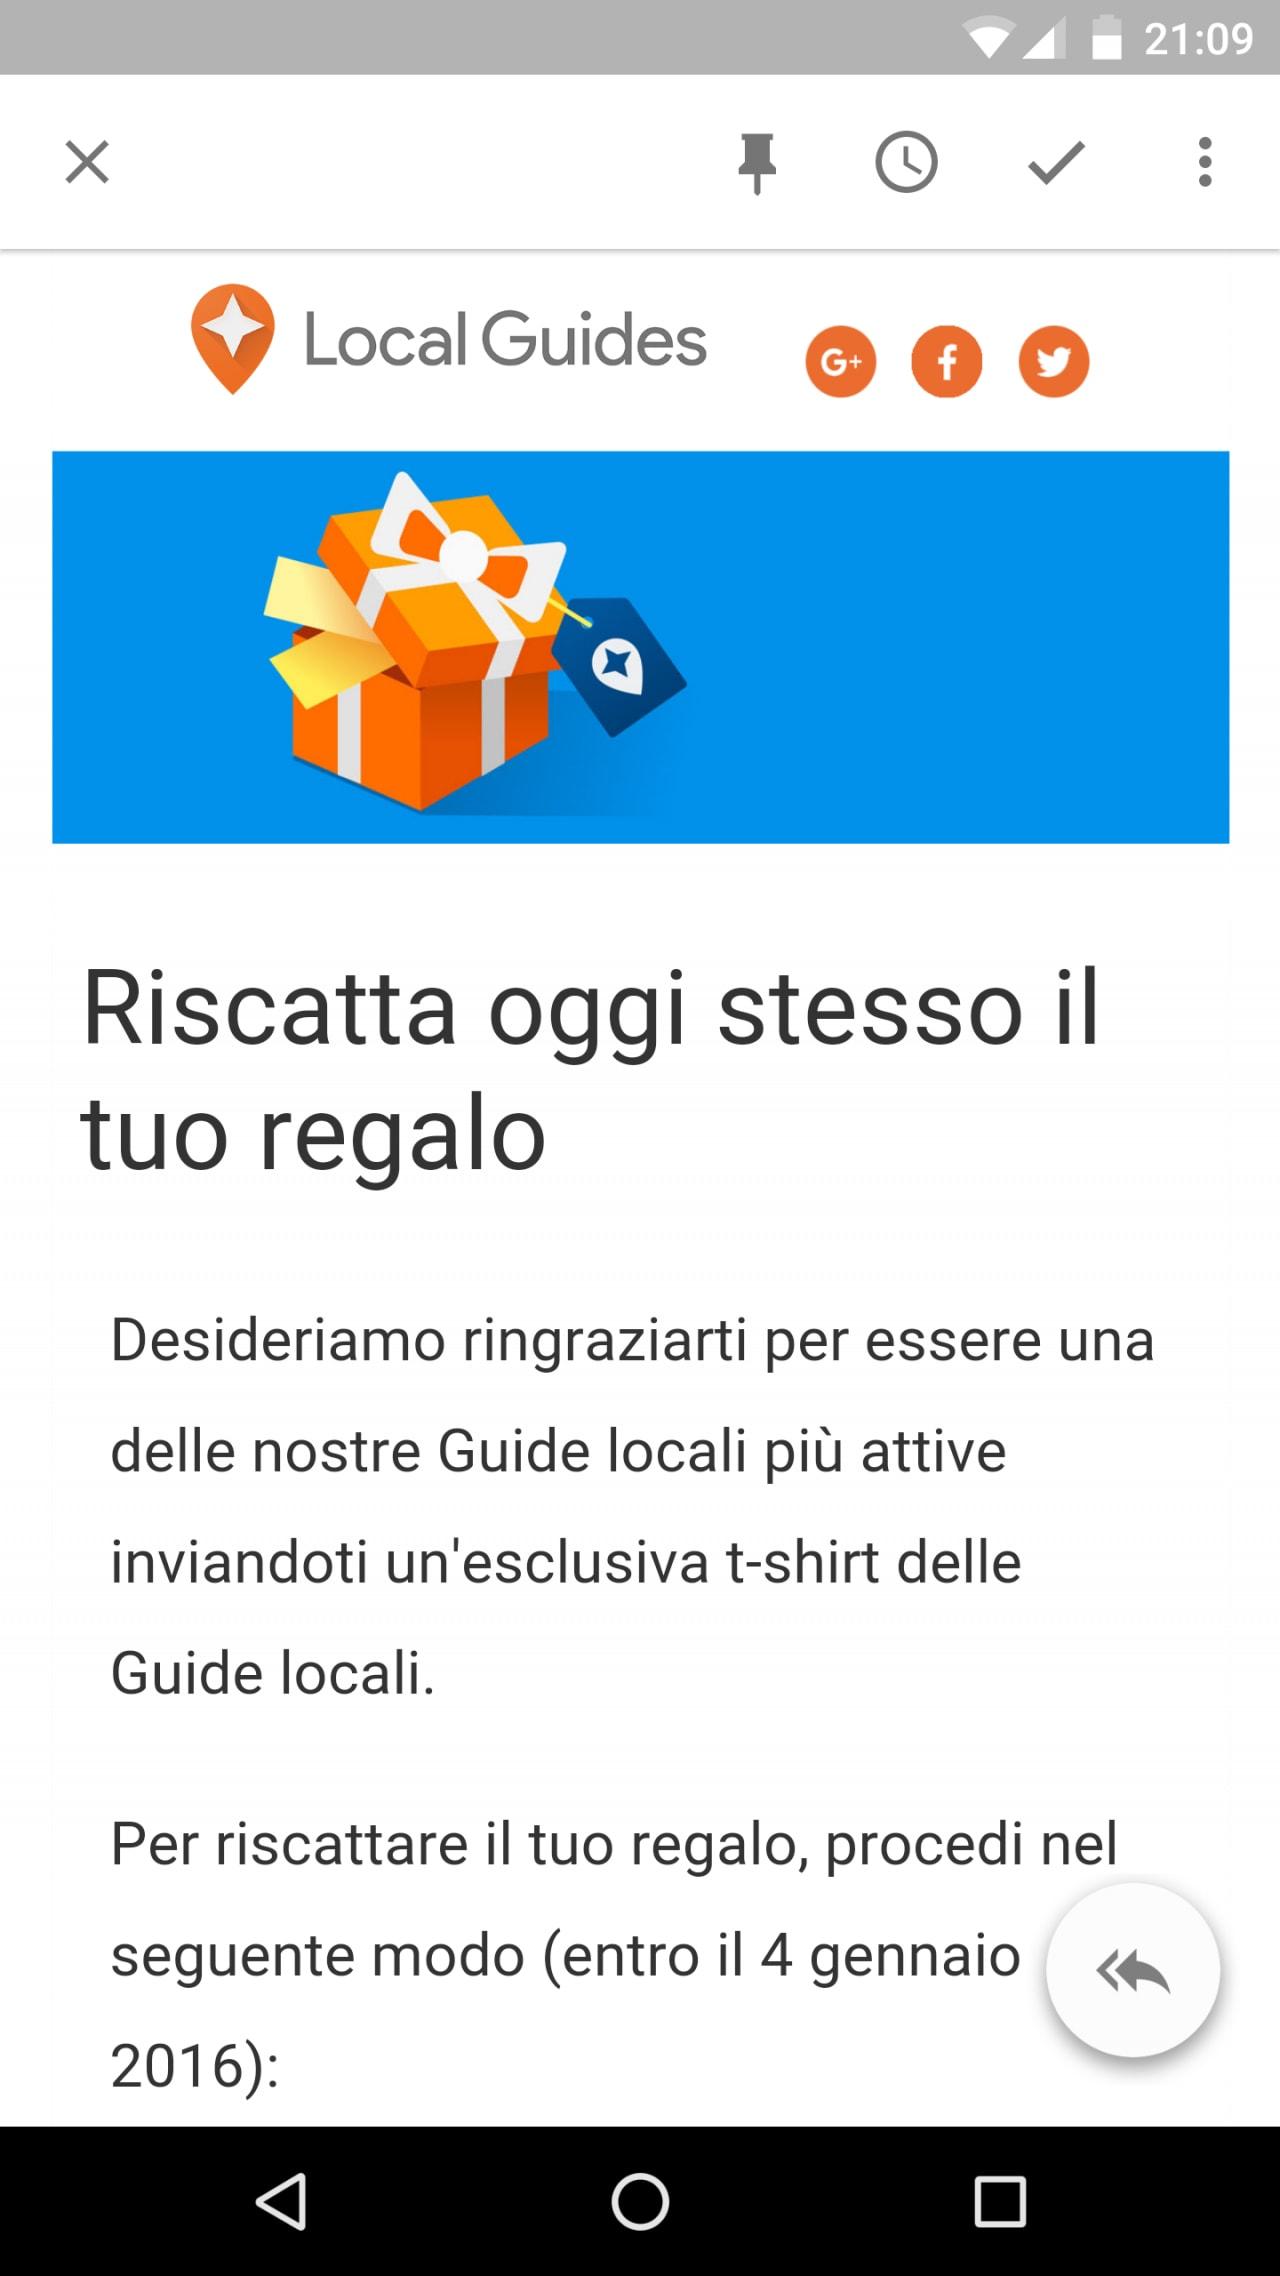 maglietta guide locali - 2